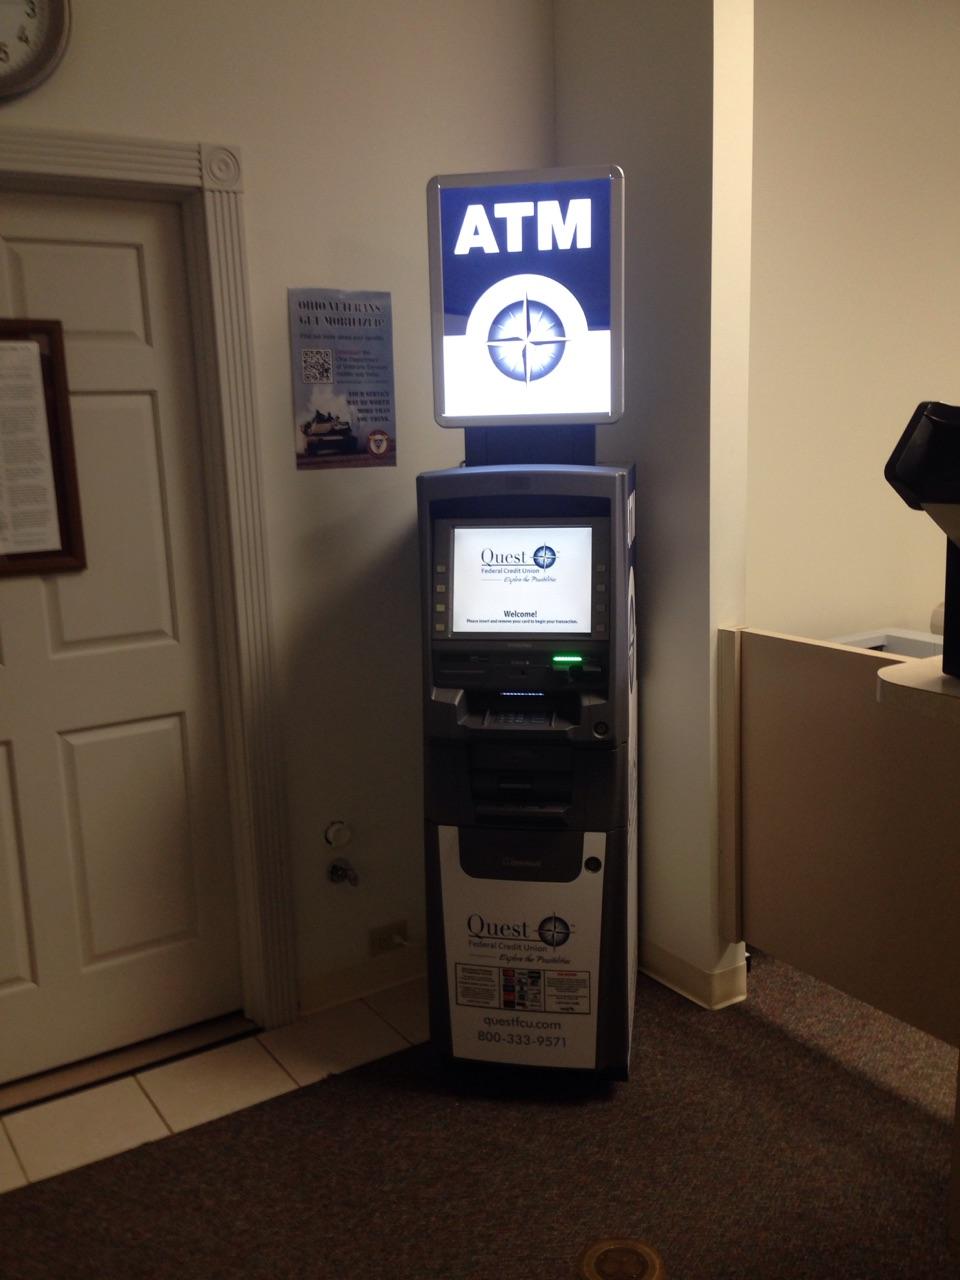 BMV ATM